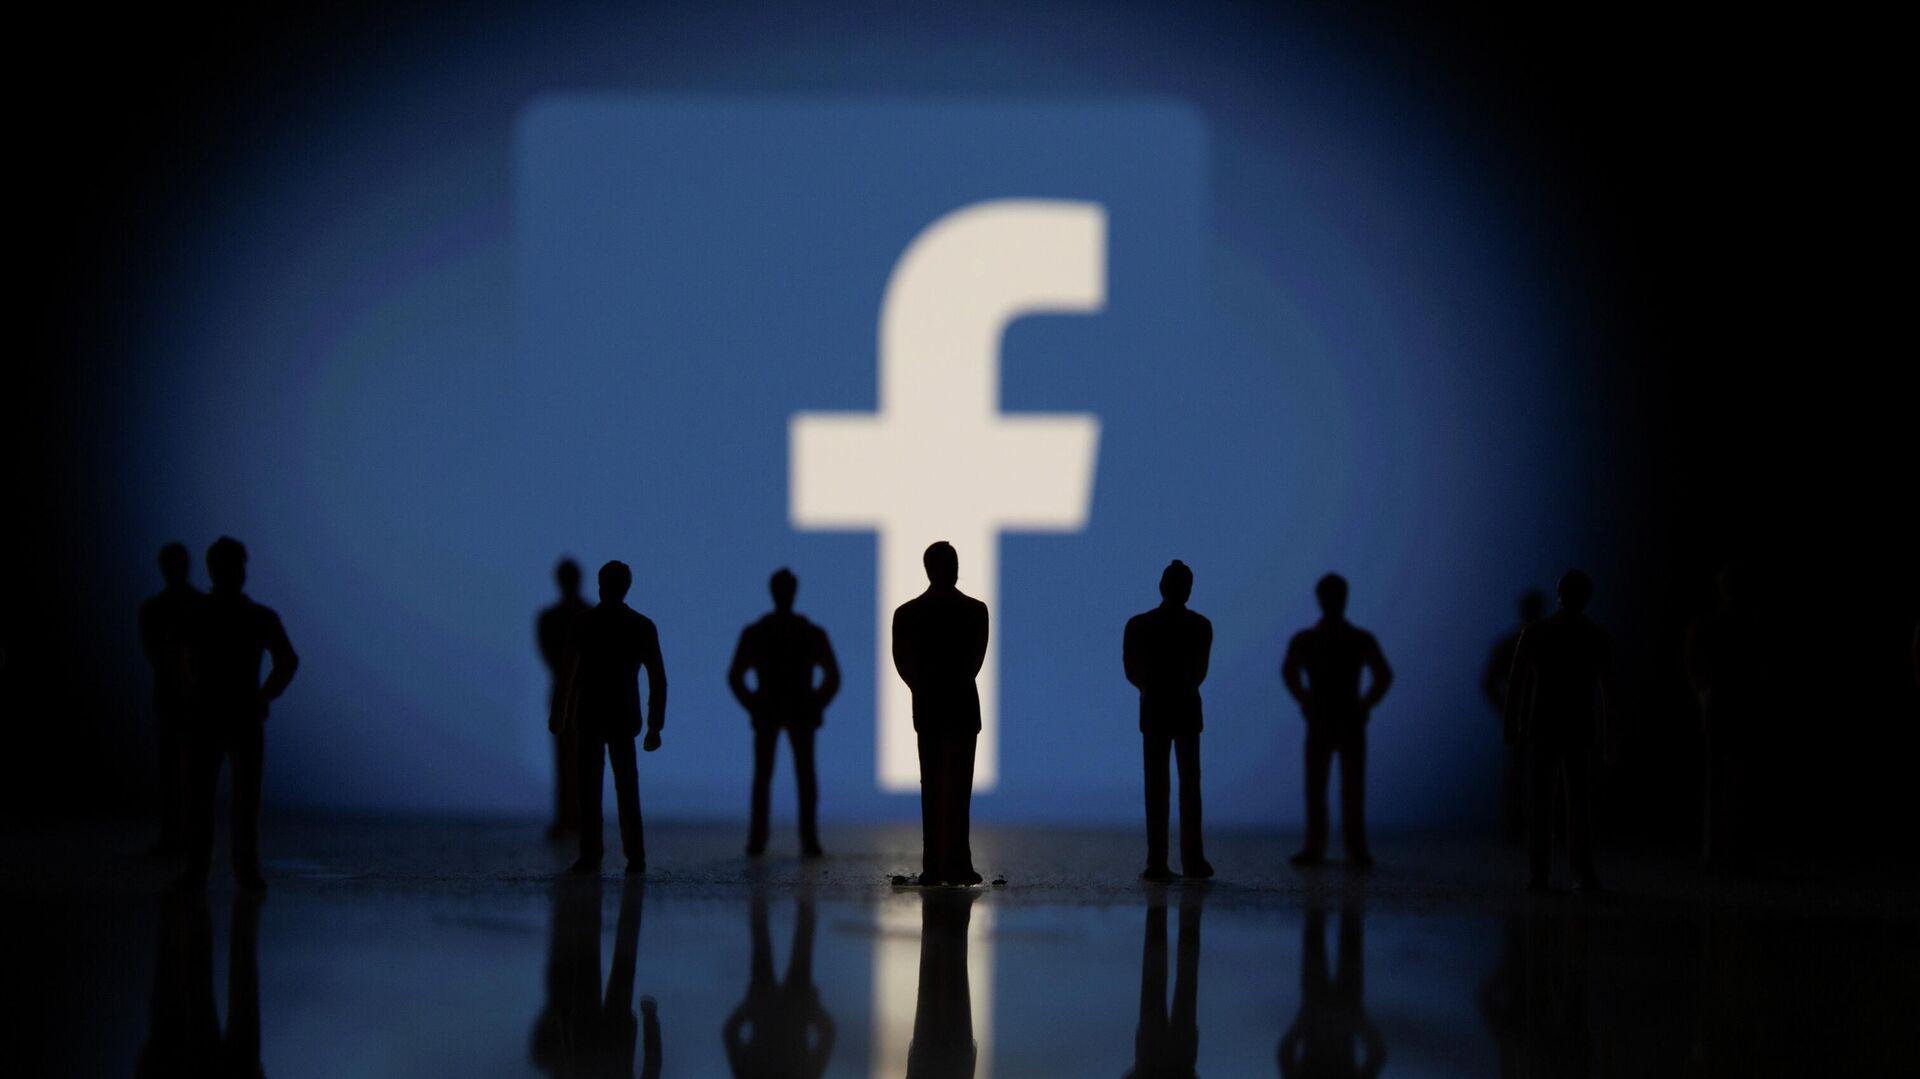 Facebook-Logo (Symbolbild) - SNA, 1920, 13.10.2021